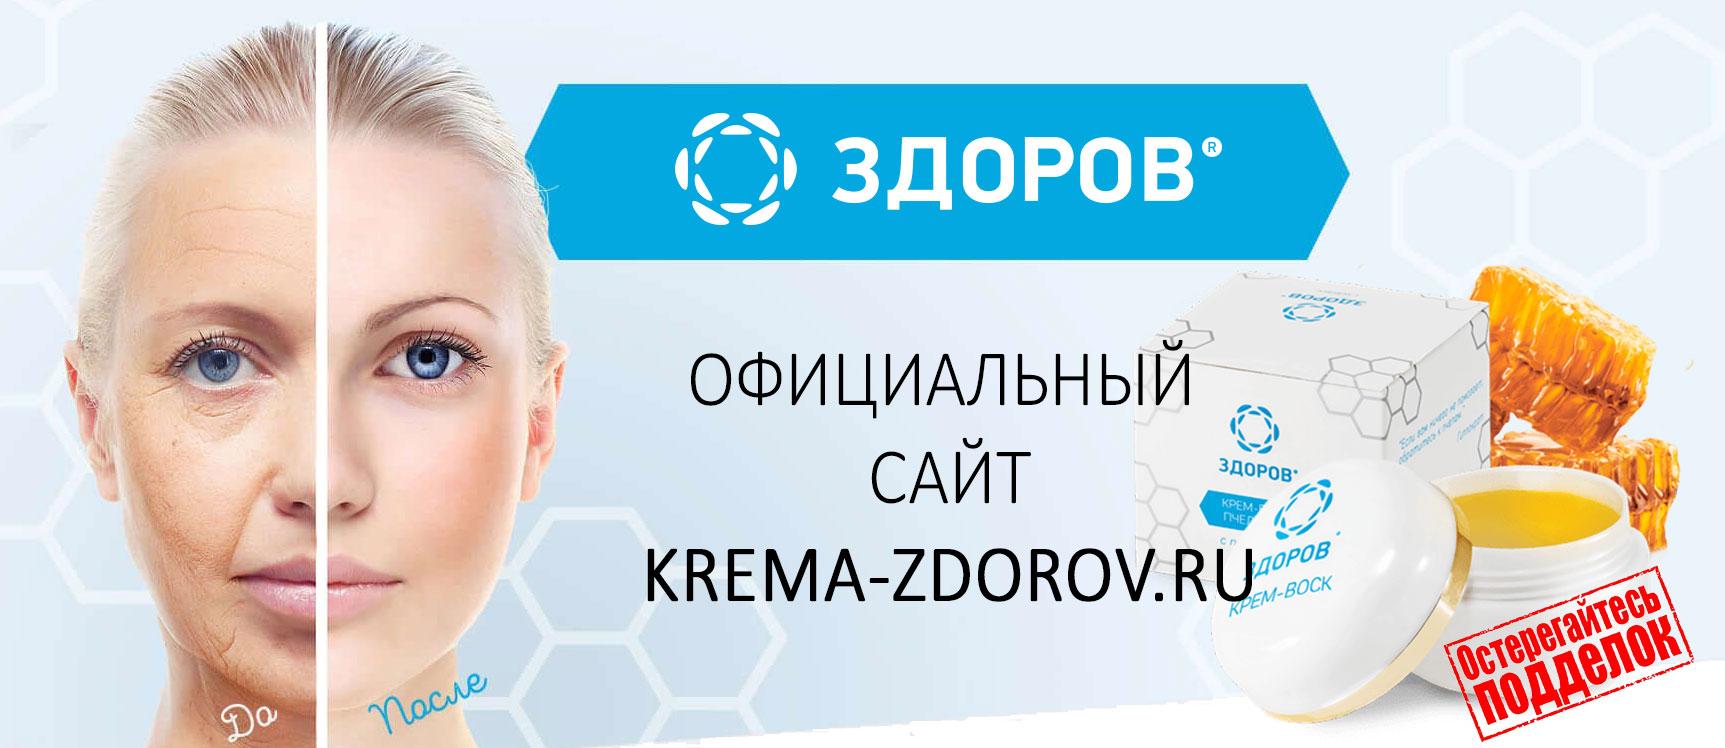 Купить крем-воск ЗДОРОВ для лица на официальном сайте